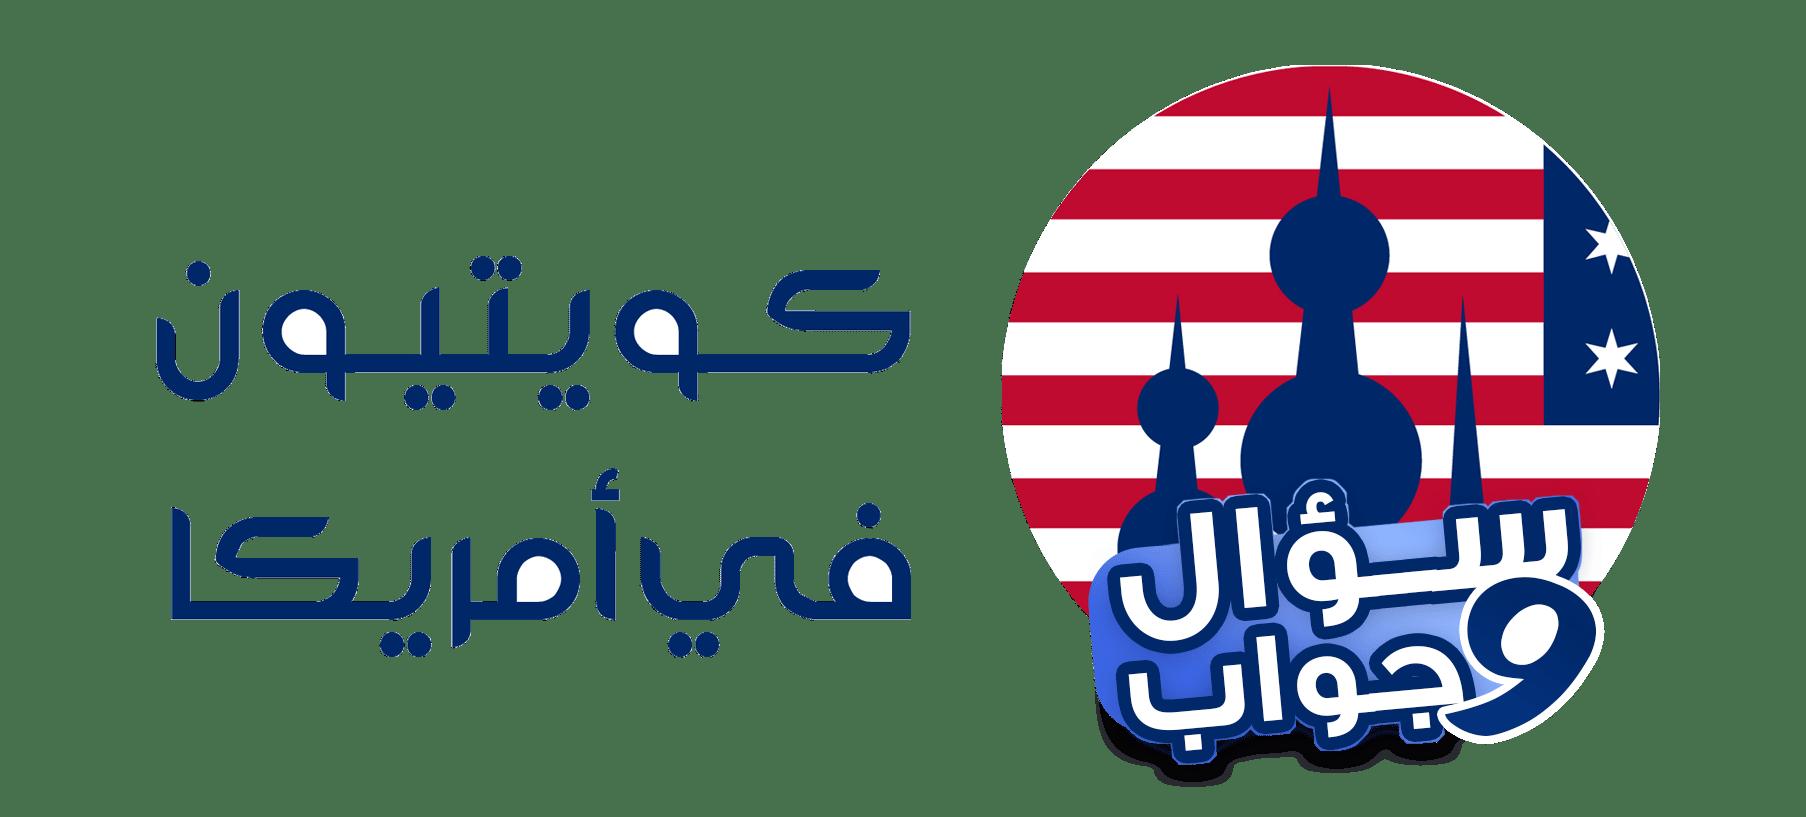 سؤال وجواب كويتيون في أمريكا اللوجو